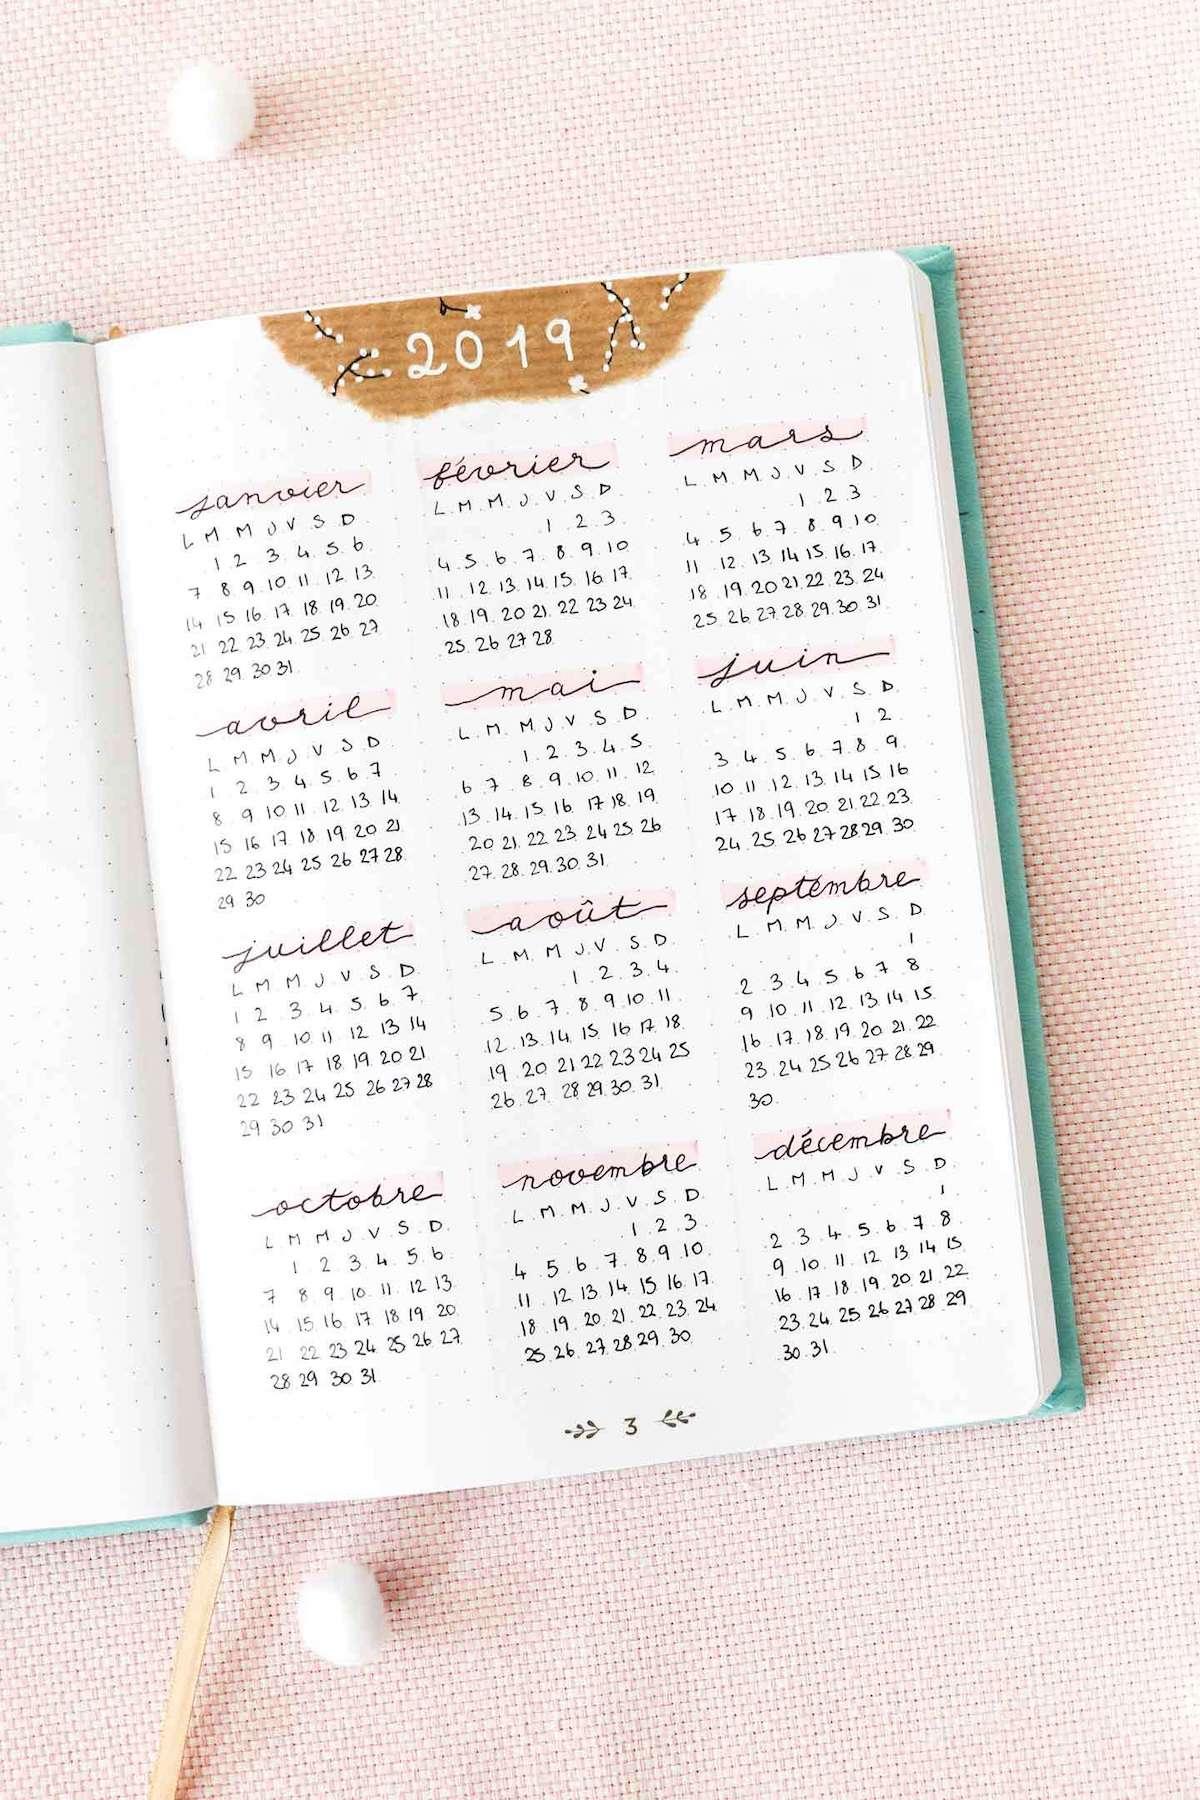 comment faire un bullet journal planning annuel idée calligraphie astuce organisation - blog déco - clem around the corner